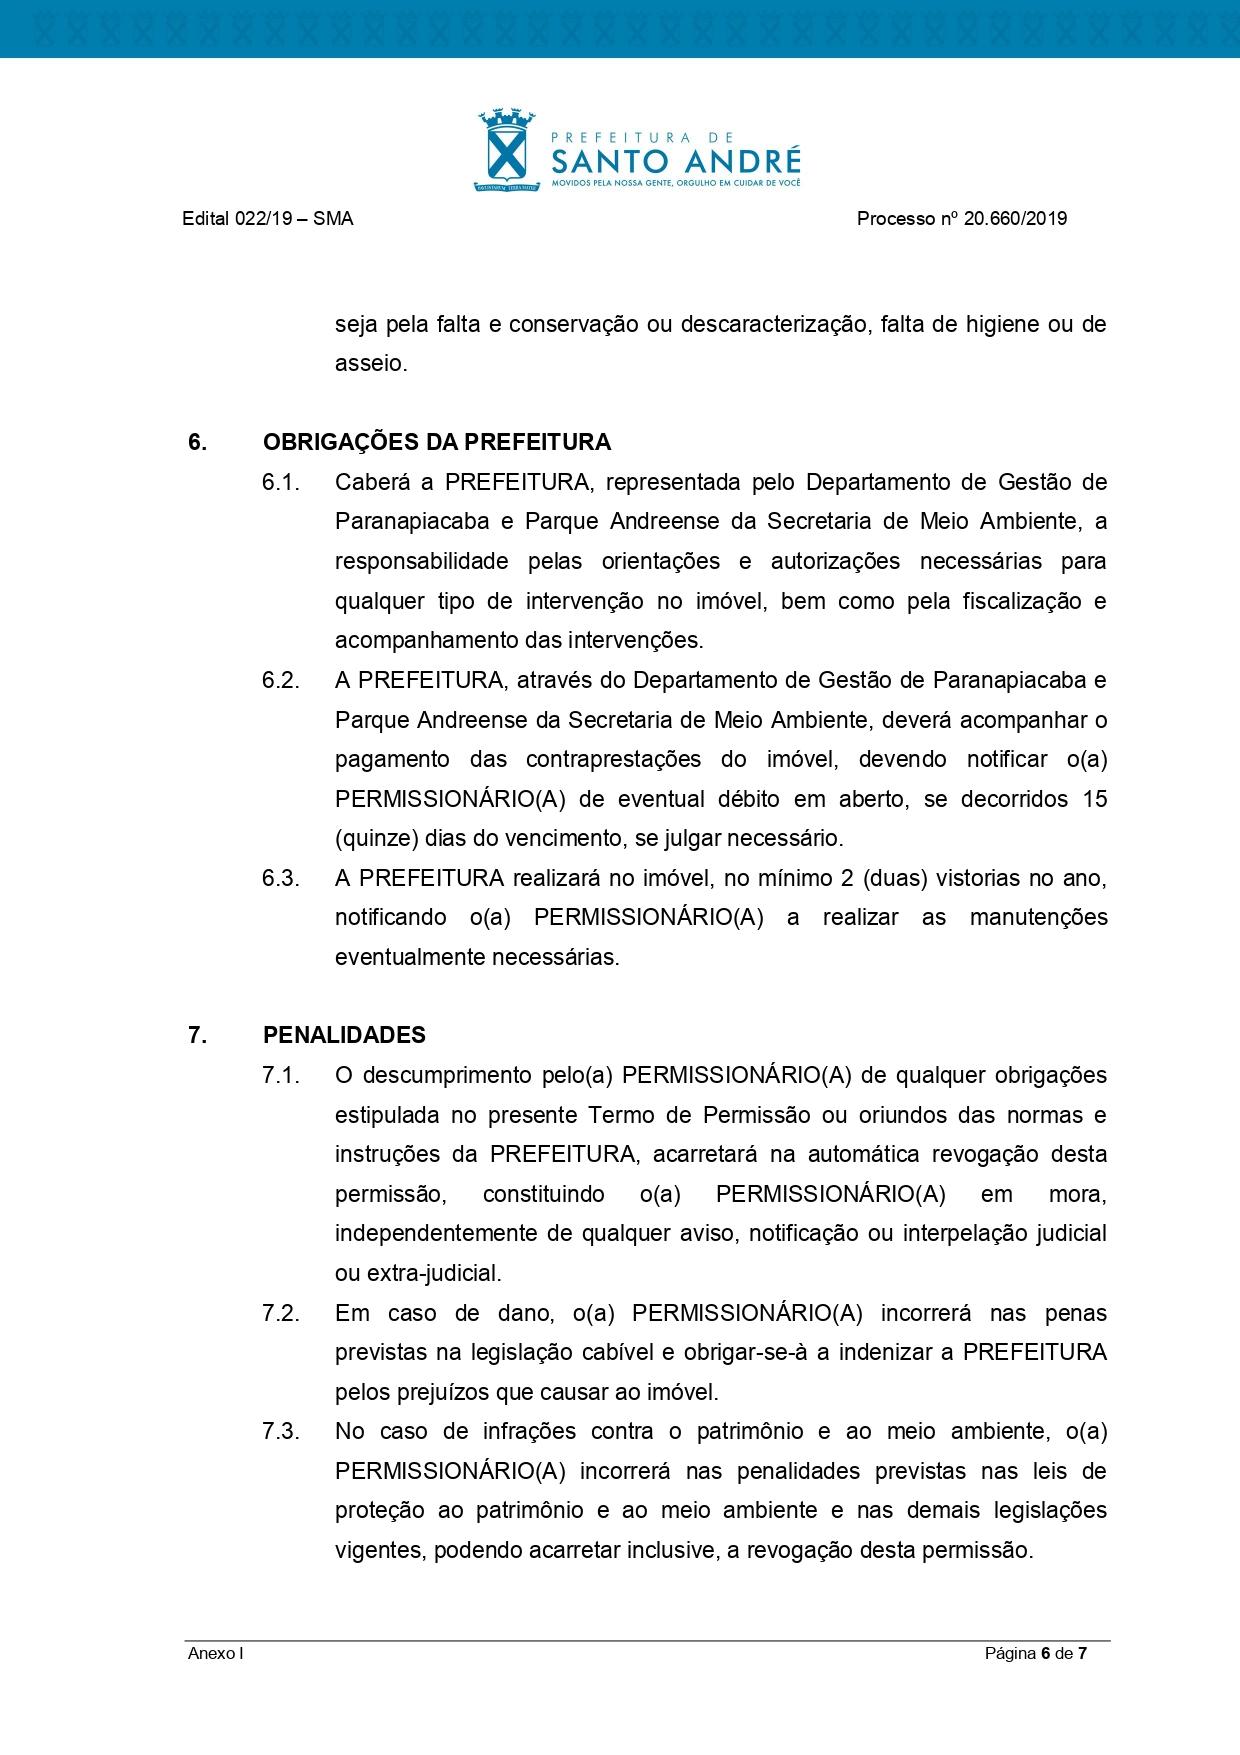 EDITAL 022-2019_SMA_IMÓVEIS RESIDENCIAIS_5882_pages-to-jpg-0015